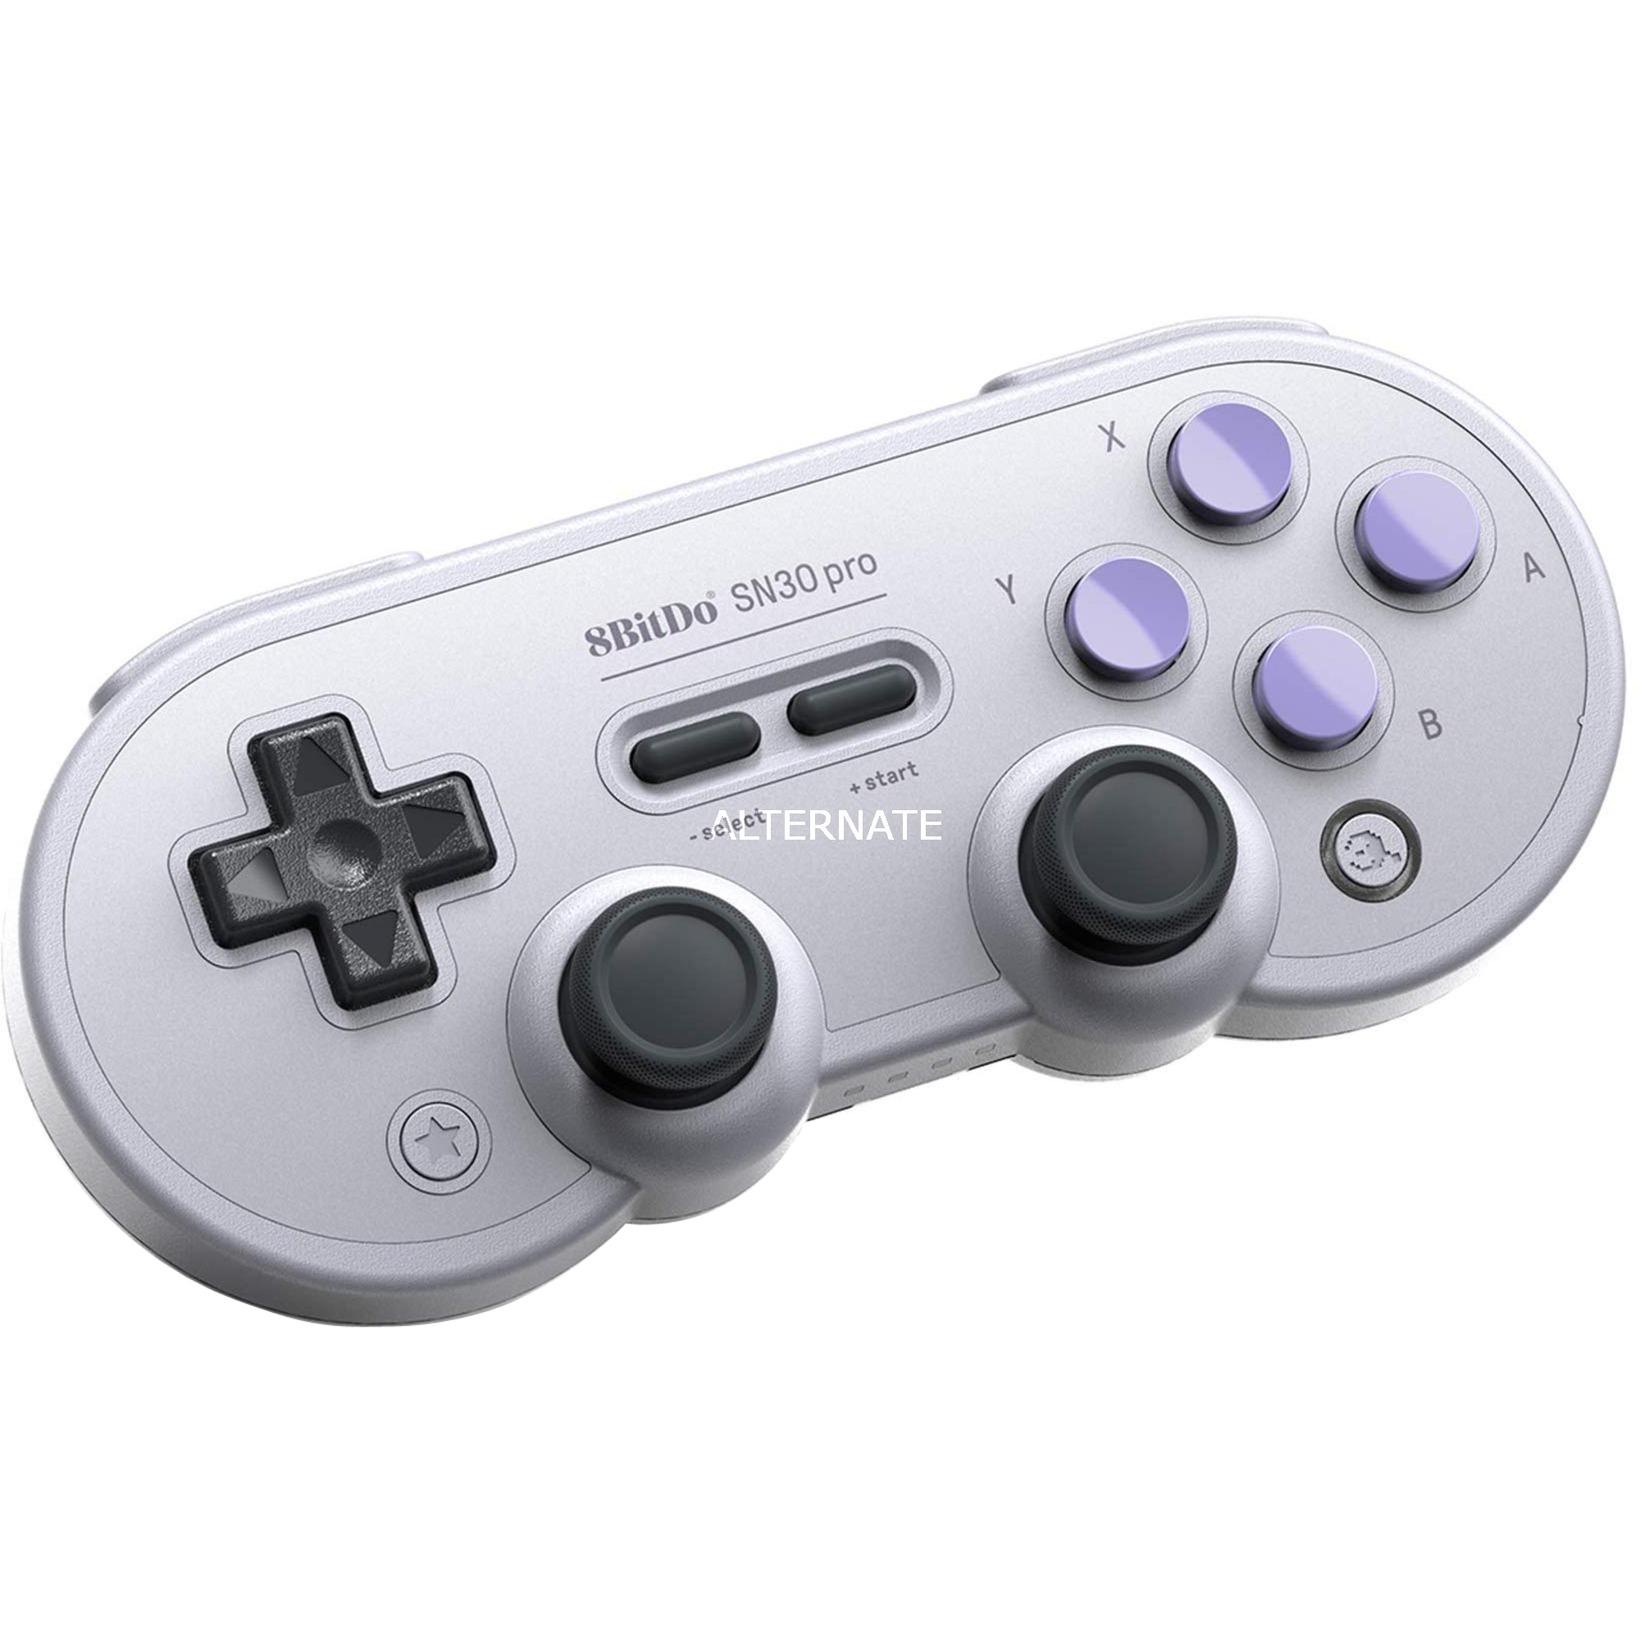 SN30 Pro SN, Gamepad